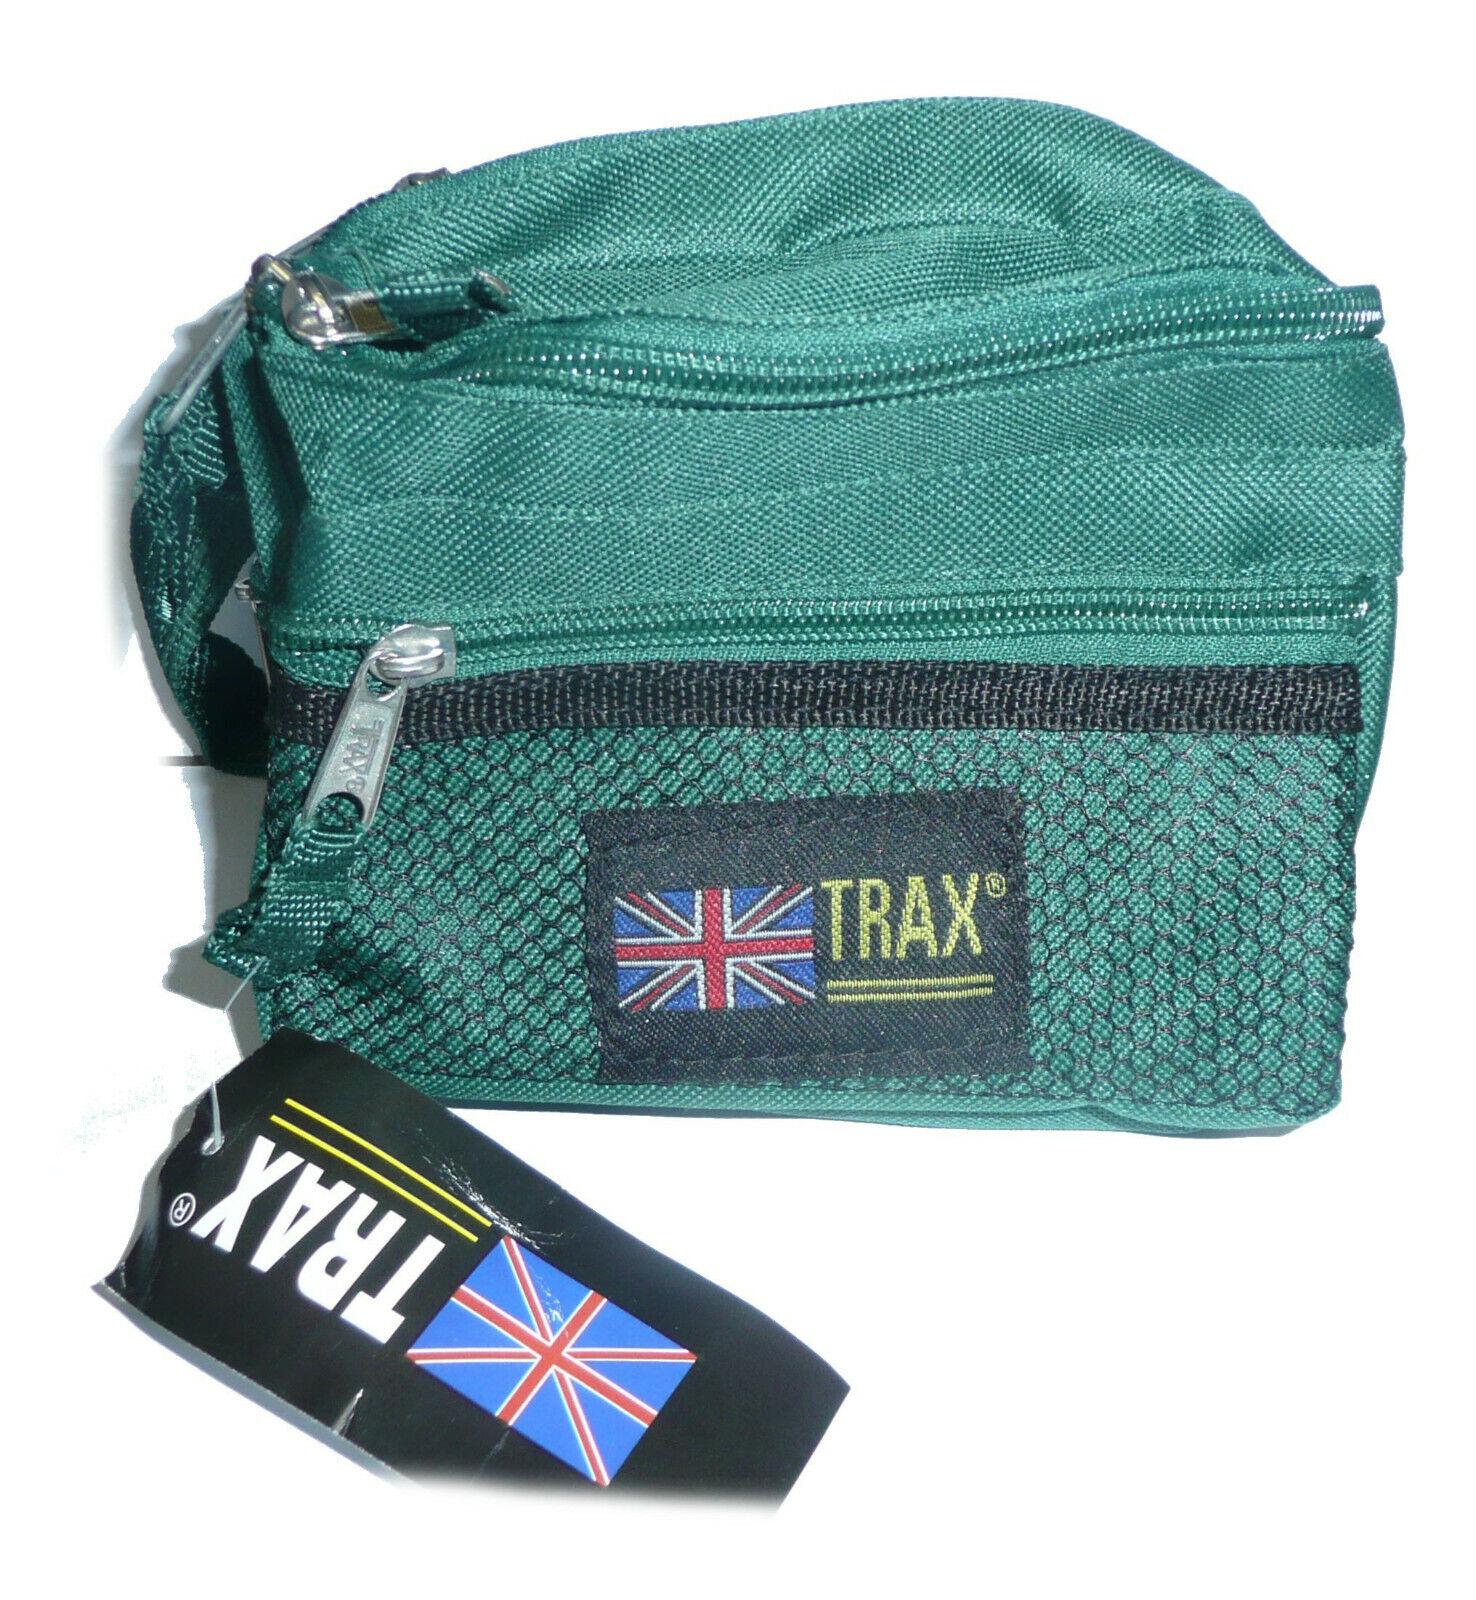 Trex Bumbag in Green